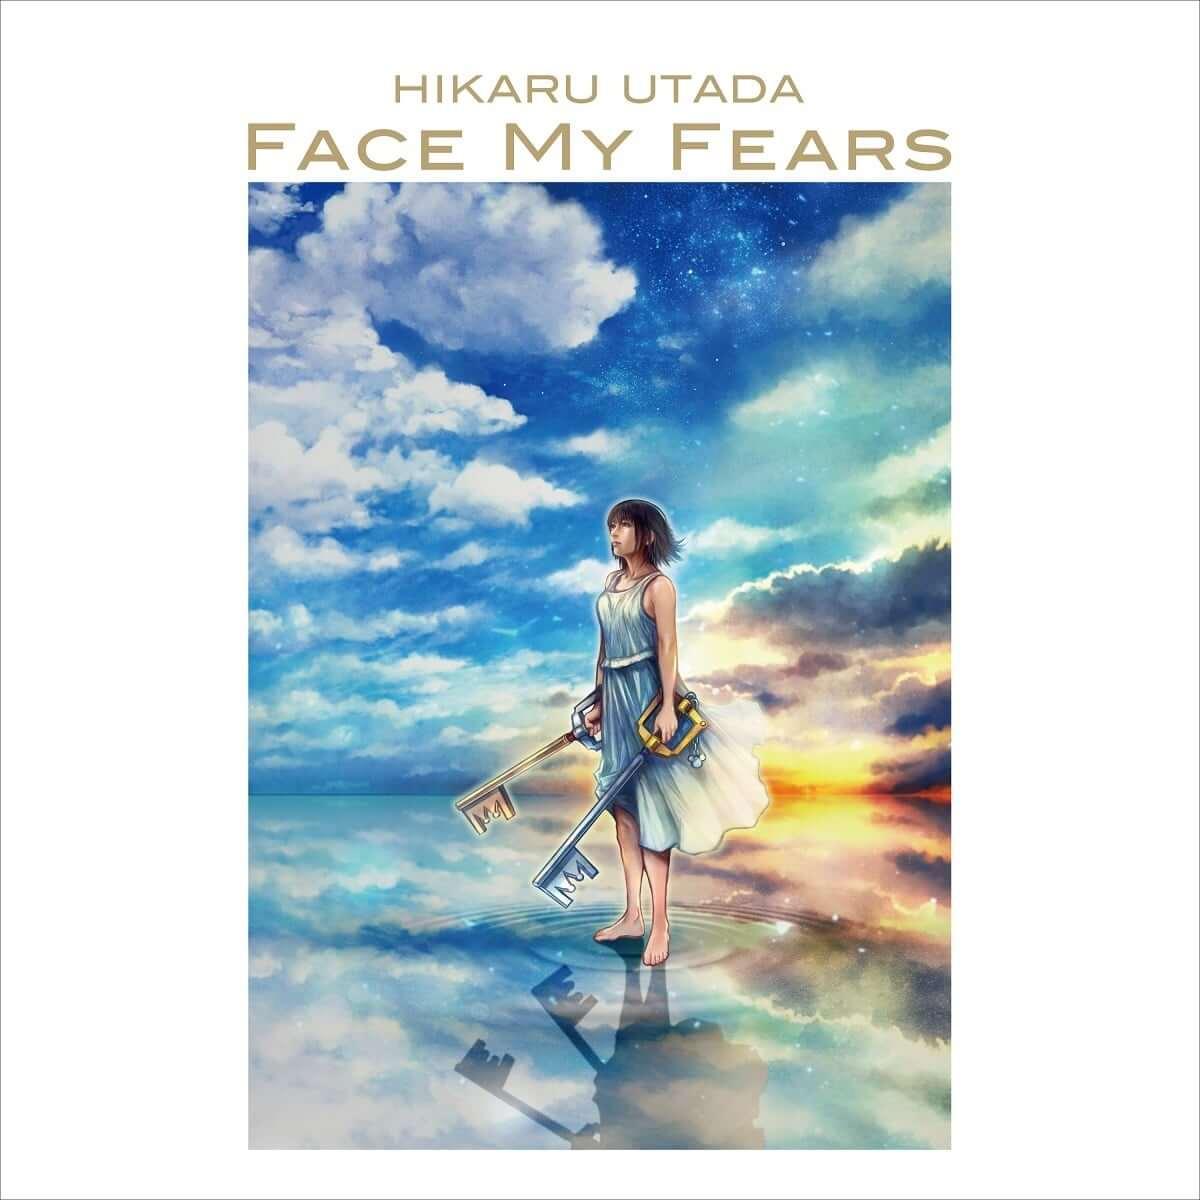 過去最高の勢いでランクイン!宇多田ヒカル「Face My Fears」世界の盛り上がりを可視化したサイトが開設 music190121-utadahikaru-1-1200x1200